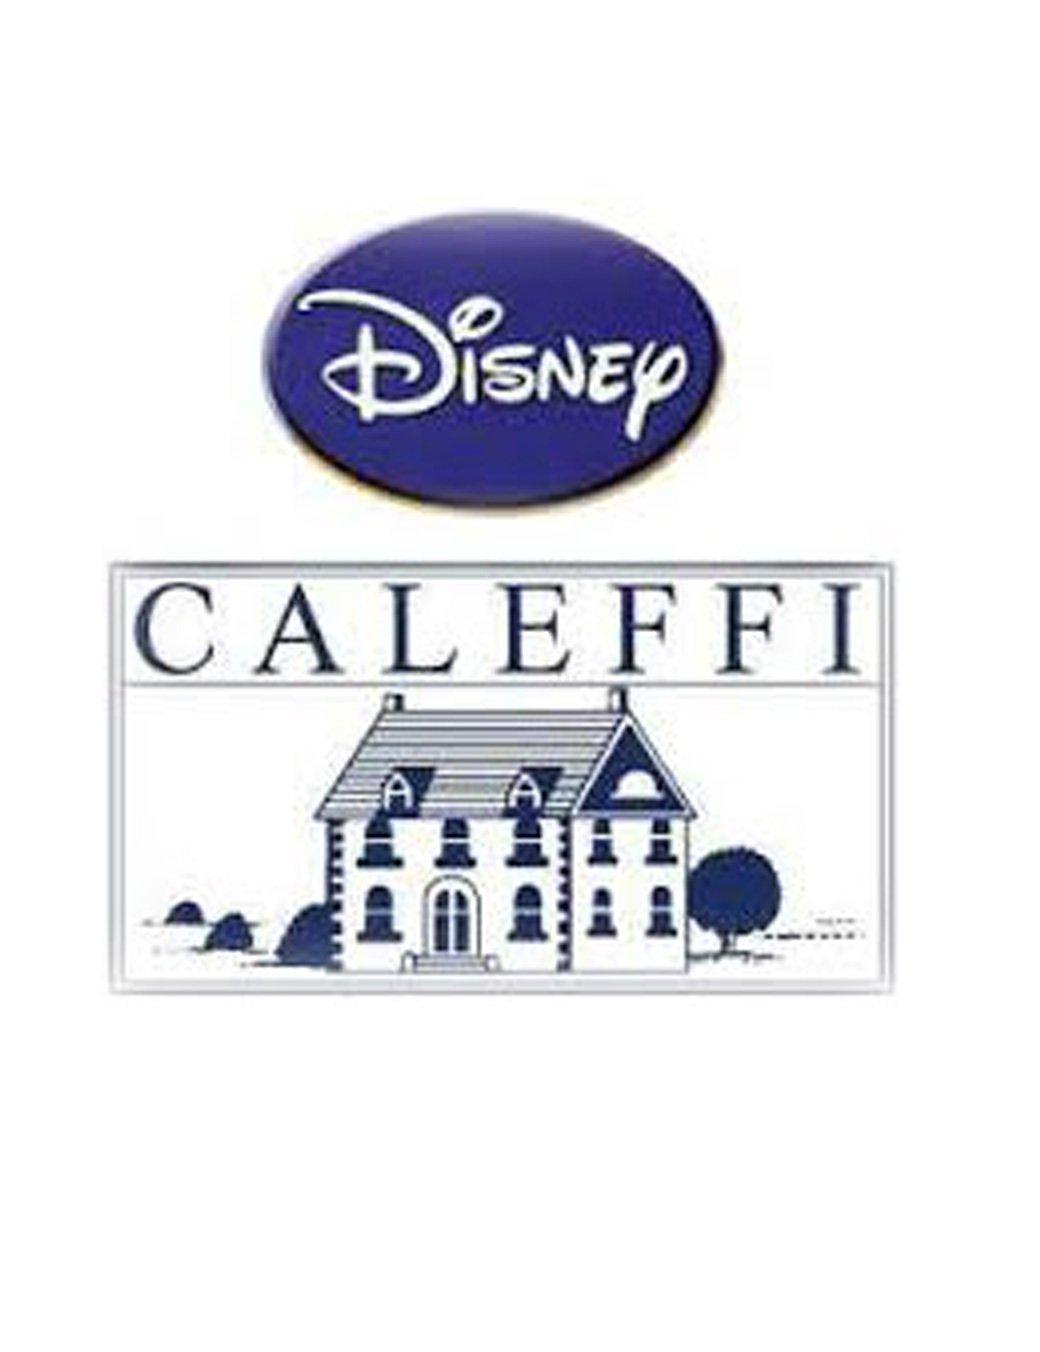 Disney Colcha de Invierno para Cama Individual Microfibra Minnie Patchwork de Caleffi